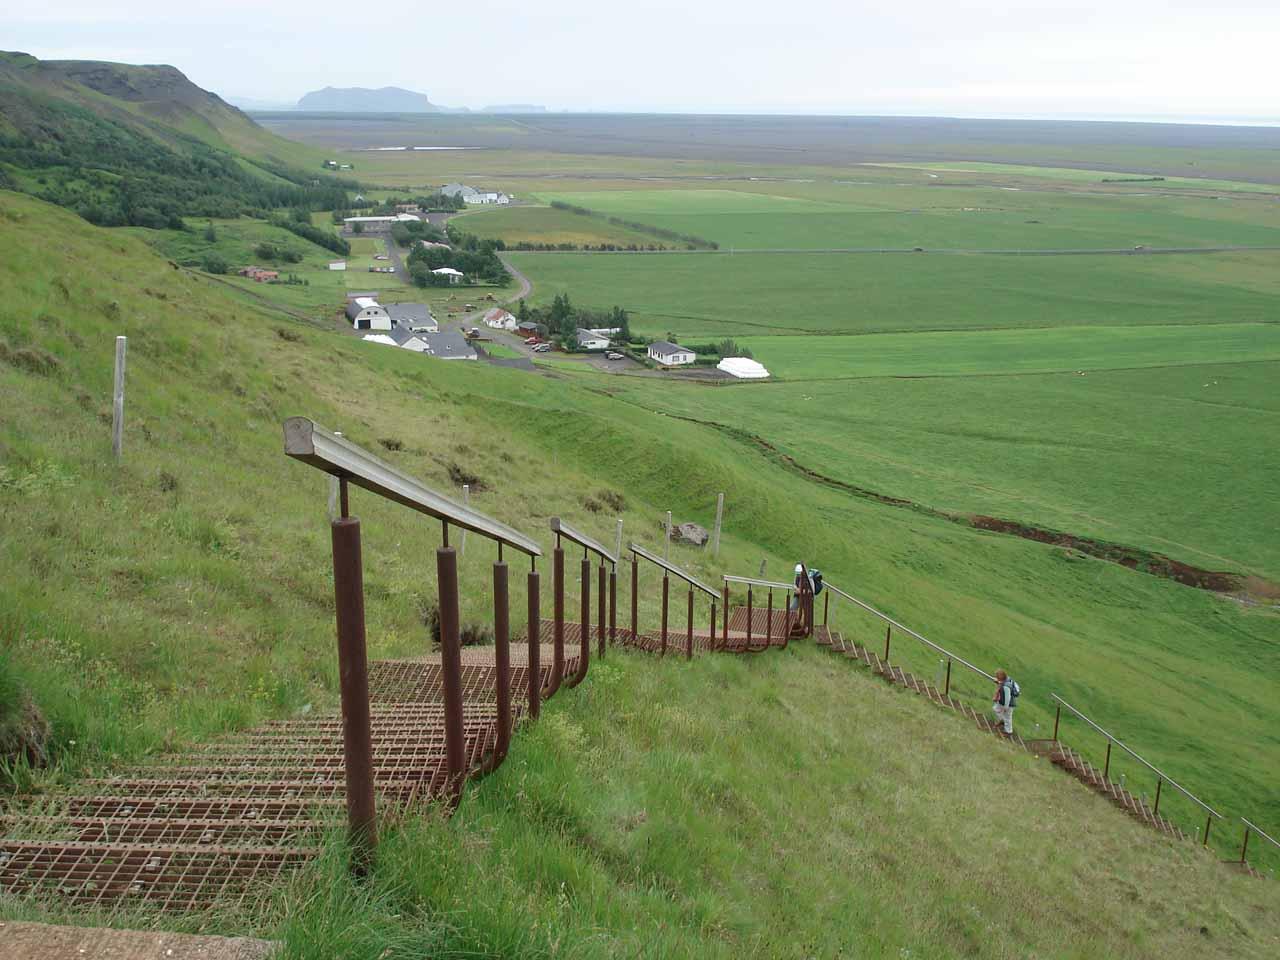 Walking back down towards the Skogar settlement down below